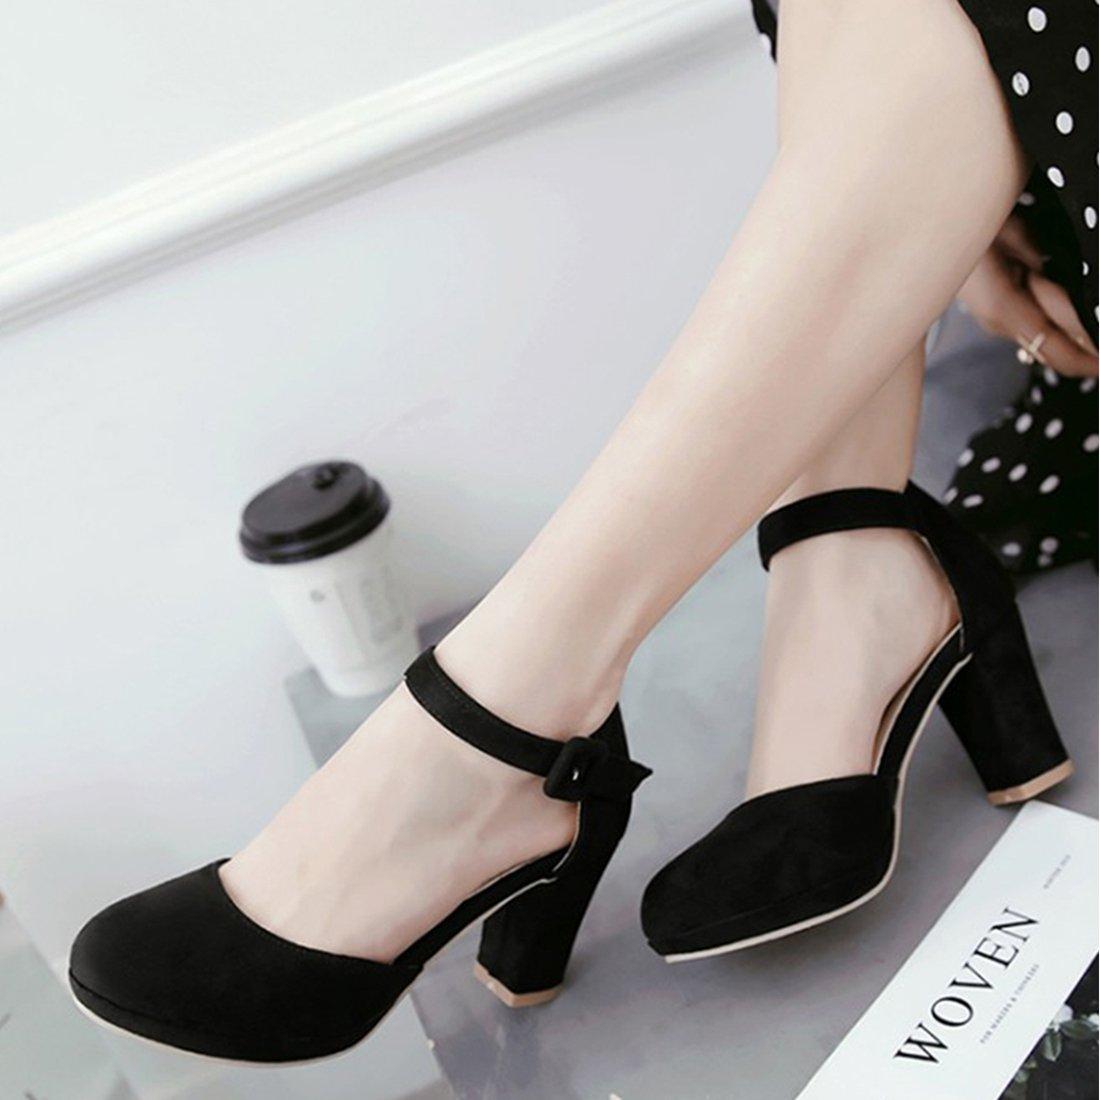 Agodor Damen Peeptoes High Heels Sandalen mit Plateau und Riemchen Stiletto  Lack Pumps Moderne Schuhe Schwarz , Agodor Damen Peeptoes High Heels  Sandalen ... 94adb817a4